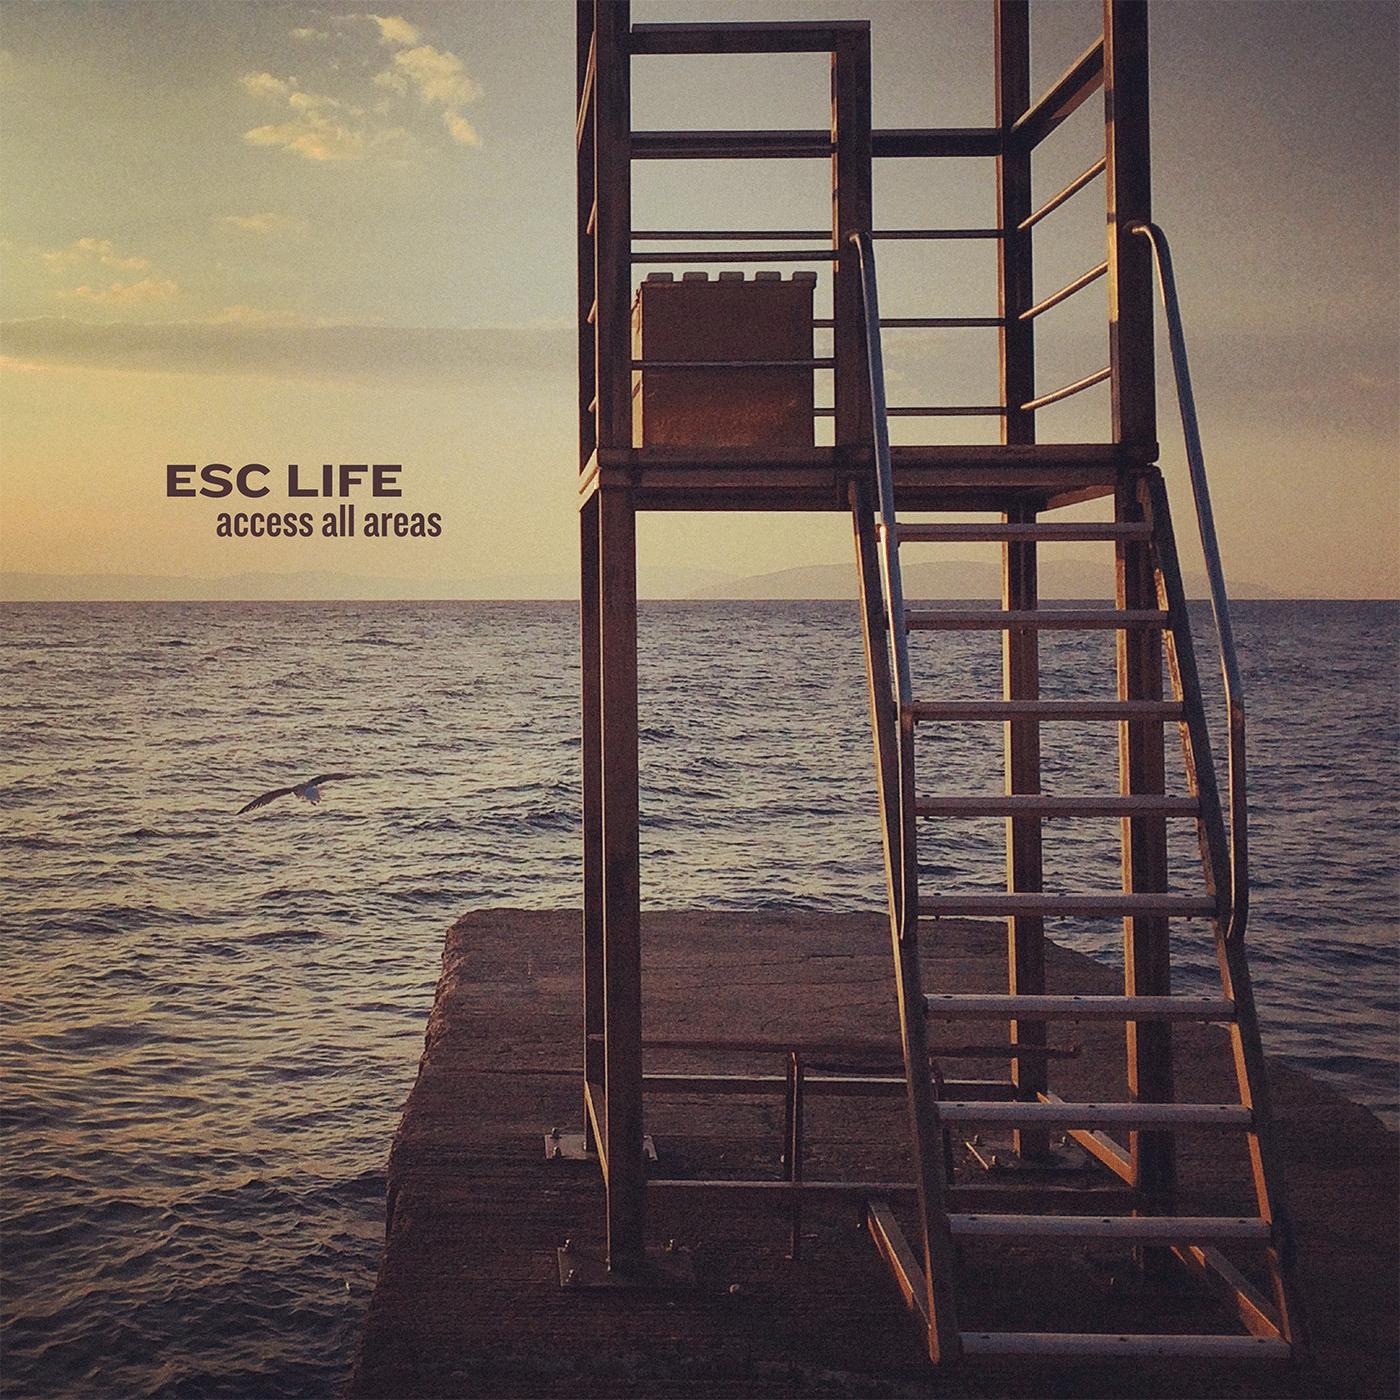 ESC life – Access all areas